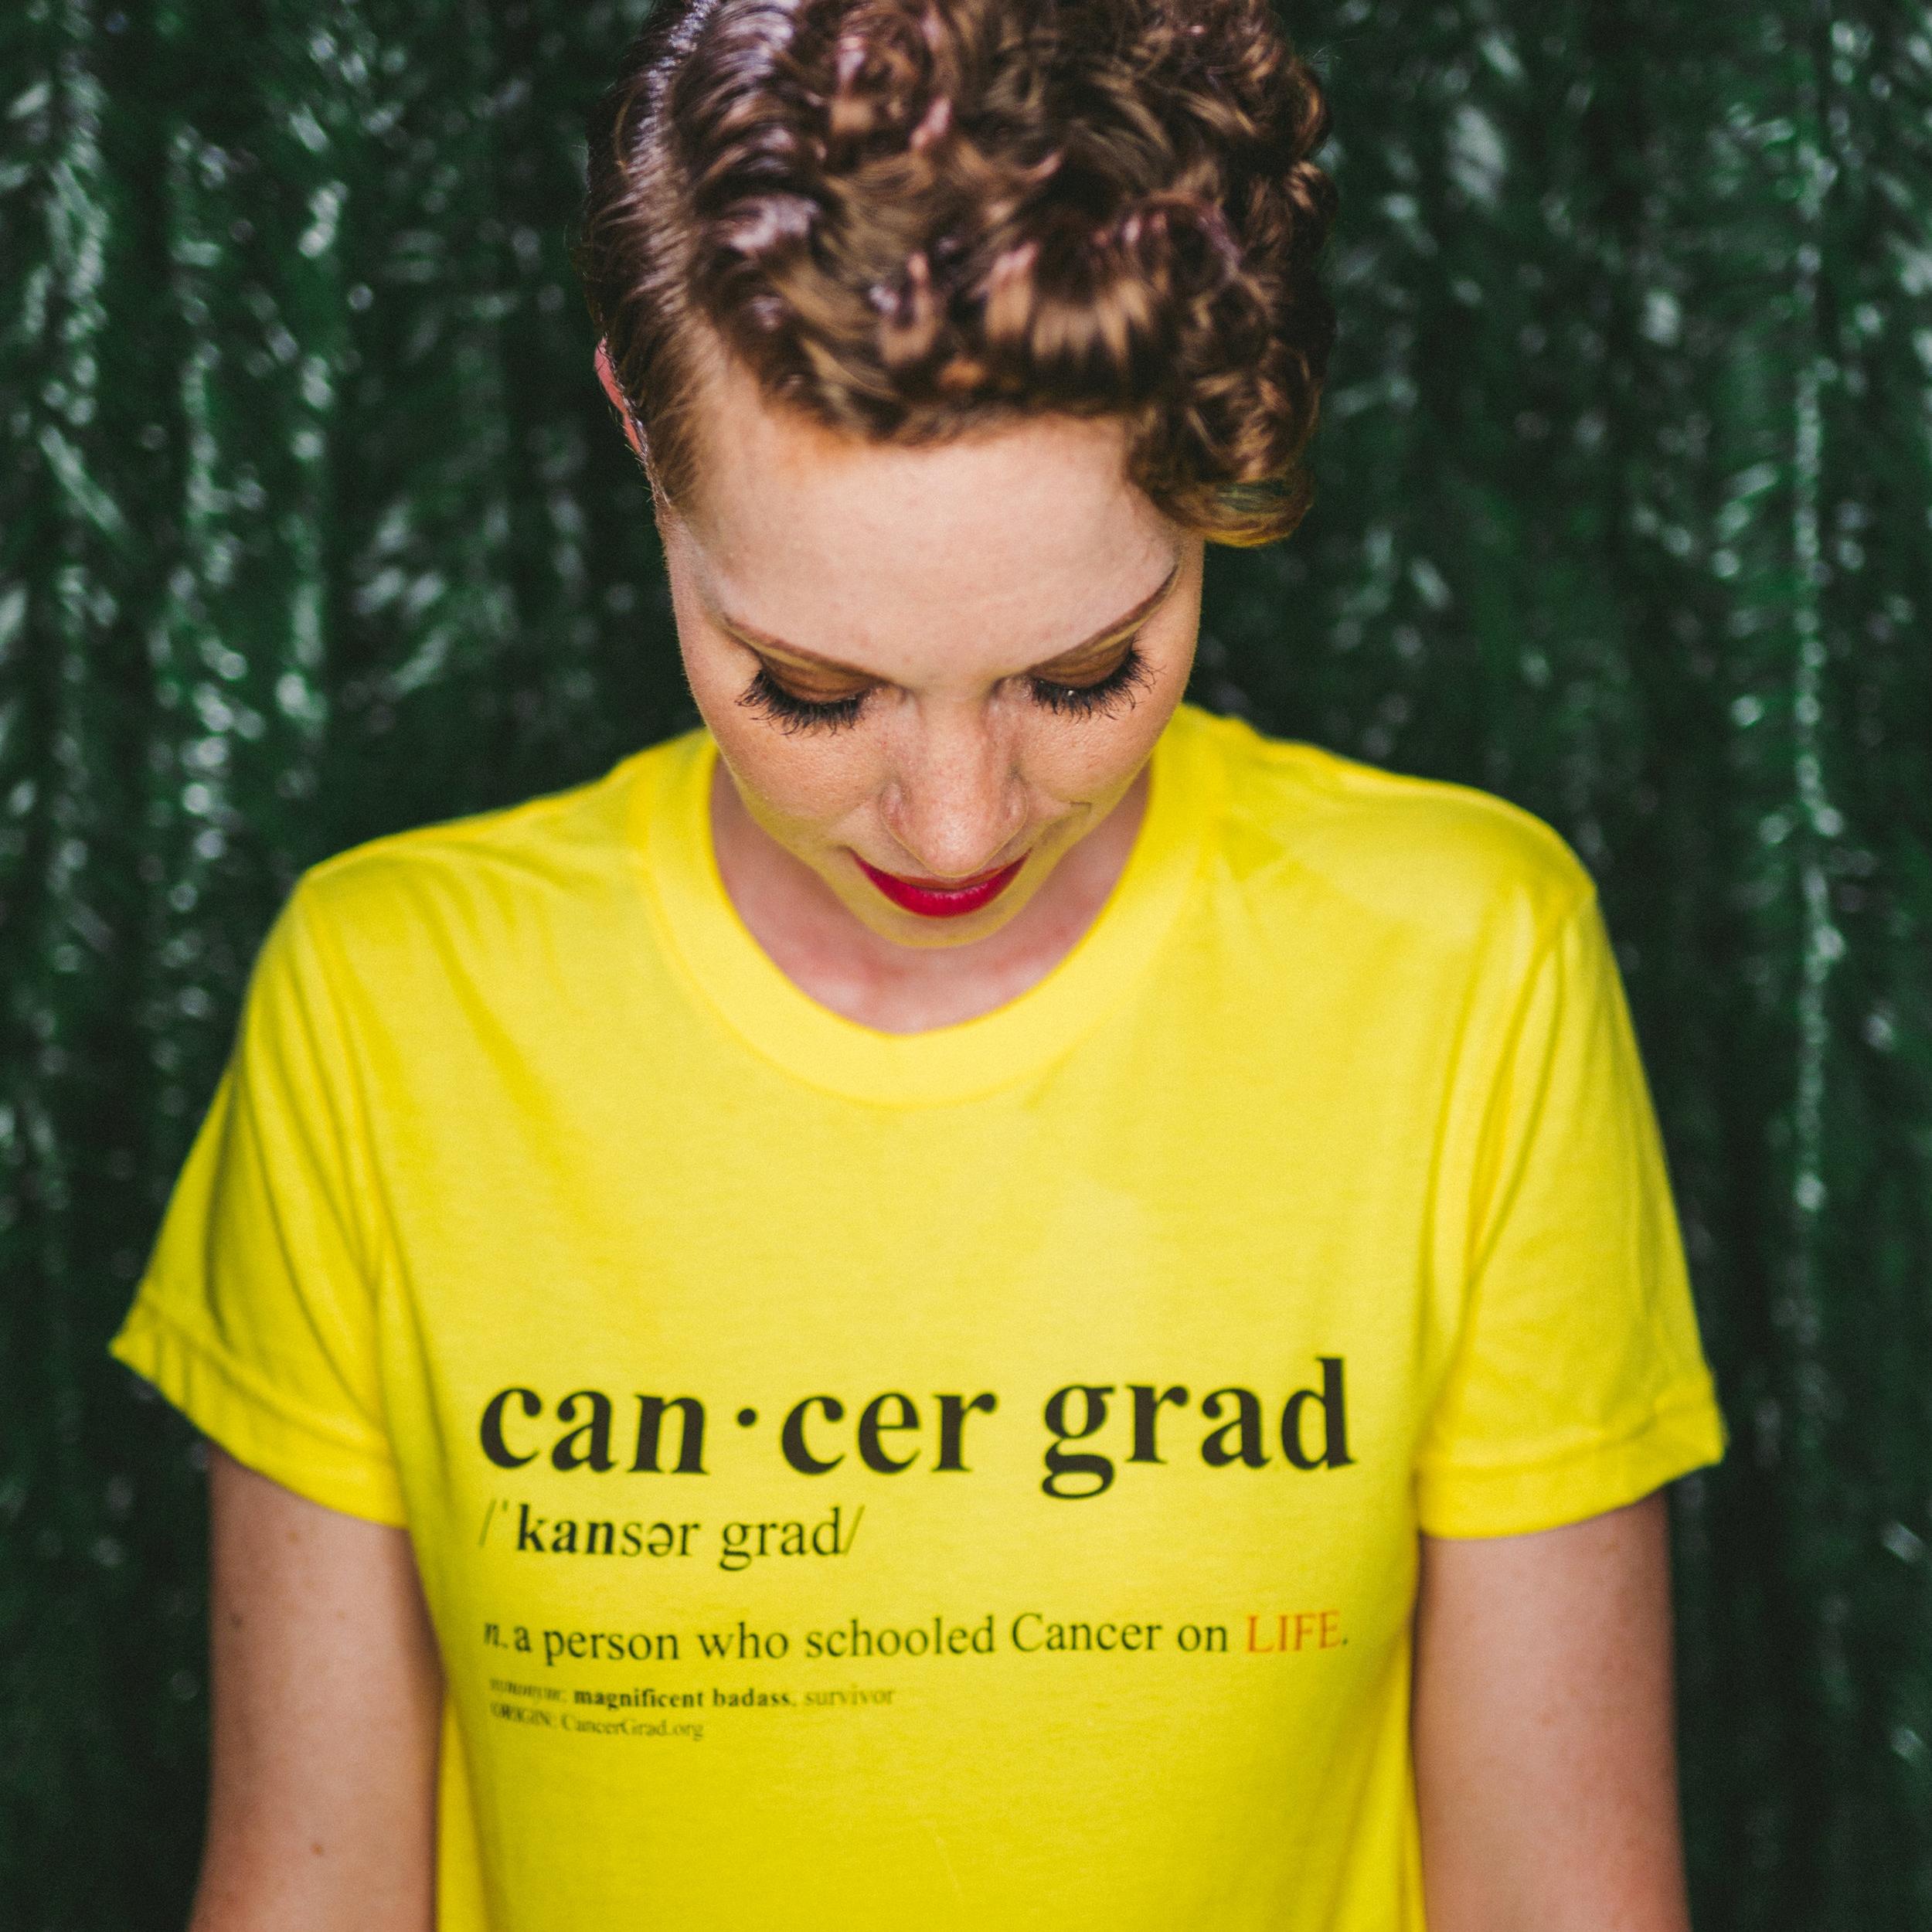 CancerGrad_TShirt_Yellow_Cancer_Grad_Definition_Aniela